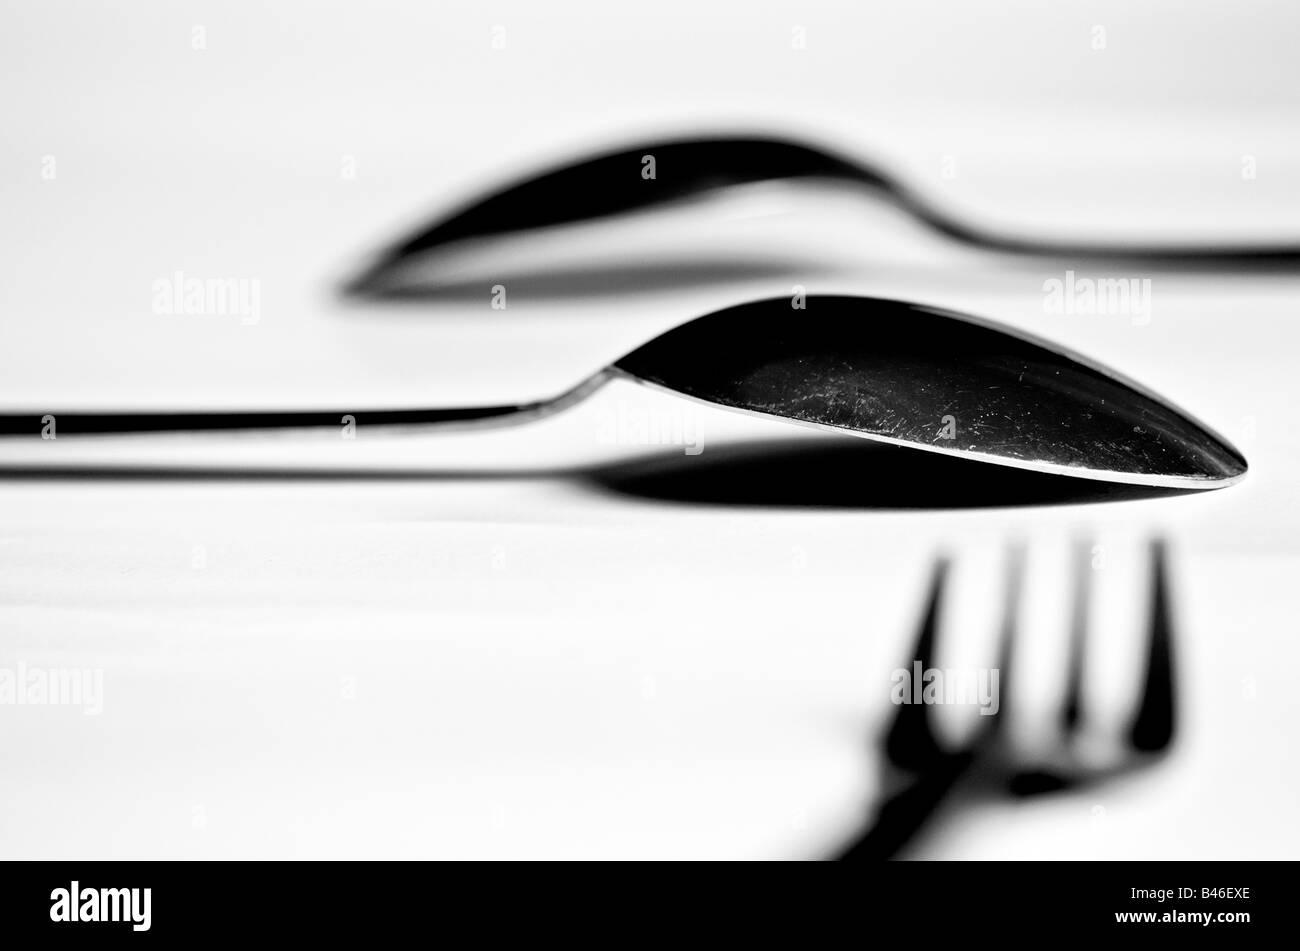 zwei Löffel und einer Gabel auf einem weißen Tisch Stockbild